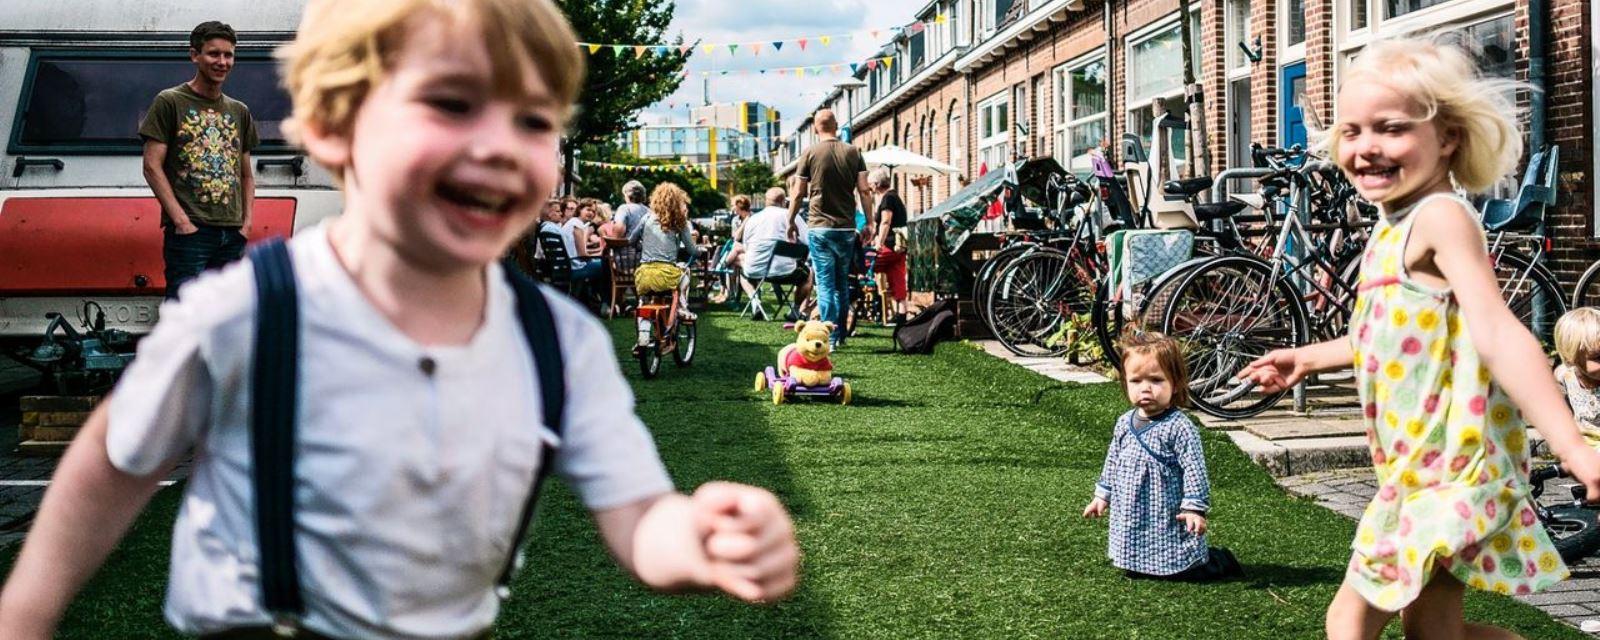 <h2>Publieke ruimte</h2><div>De publieke ruimte is van iedereen. Ze moet uitnodigen en plaats bieden voor ontmoeten, spelen, groen... maar uiteraard ook verkeer. Voetgangers en fietsers in de eerste plaats.</div>